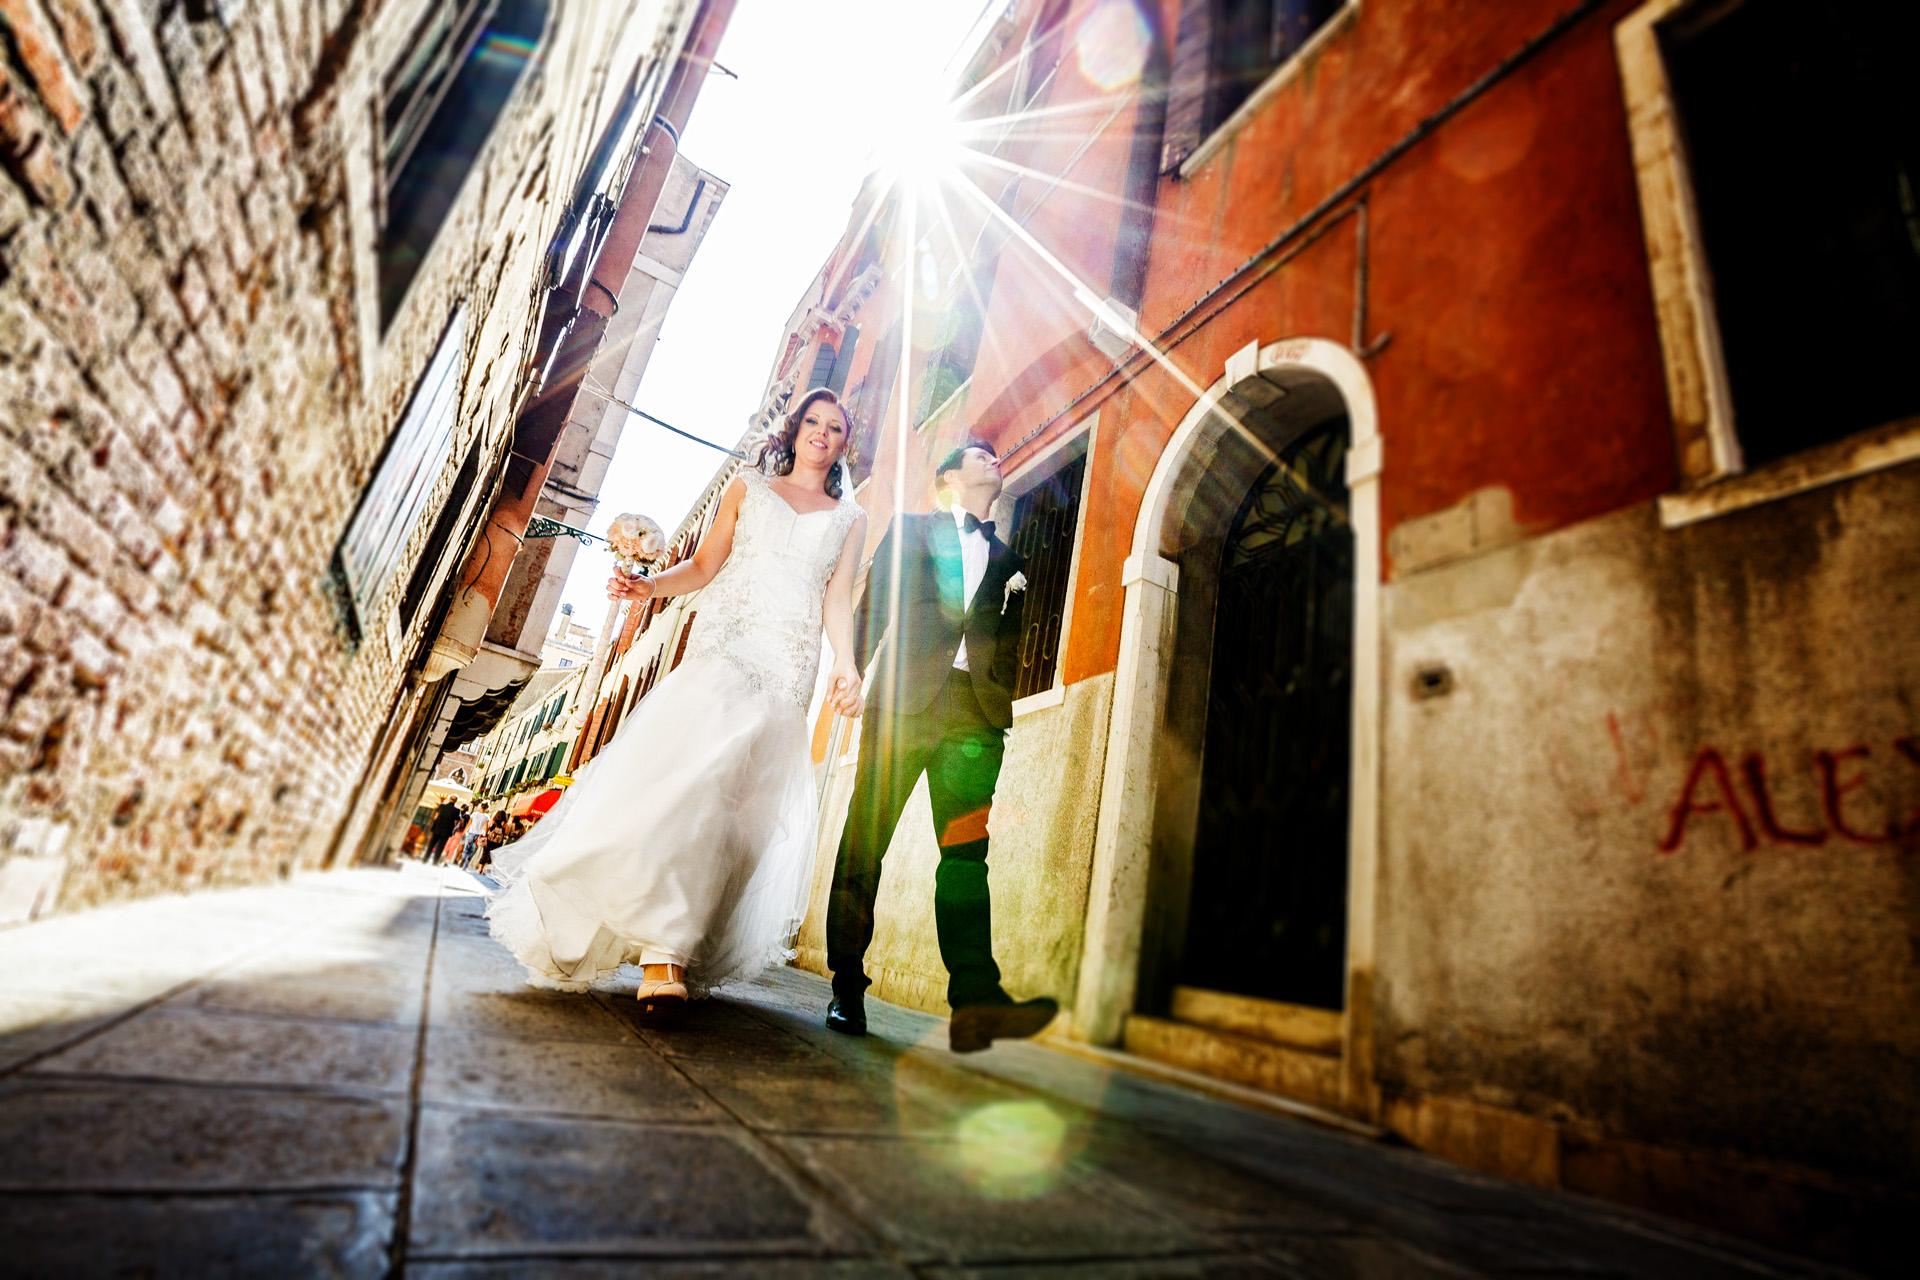 Elopement Retrato de la pareja caminando - Venecia, Italia | La actitud relajada de la novia y el novio al caminar por las calles.